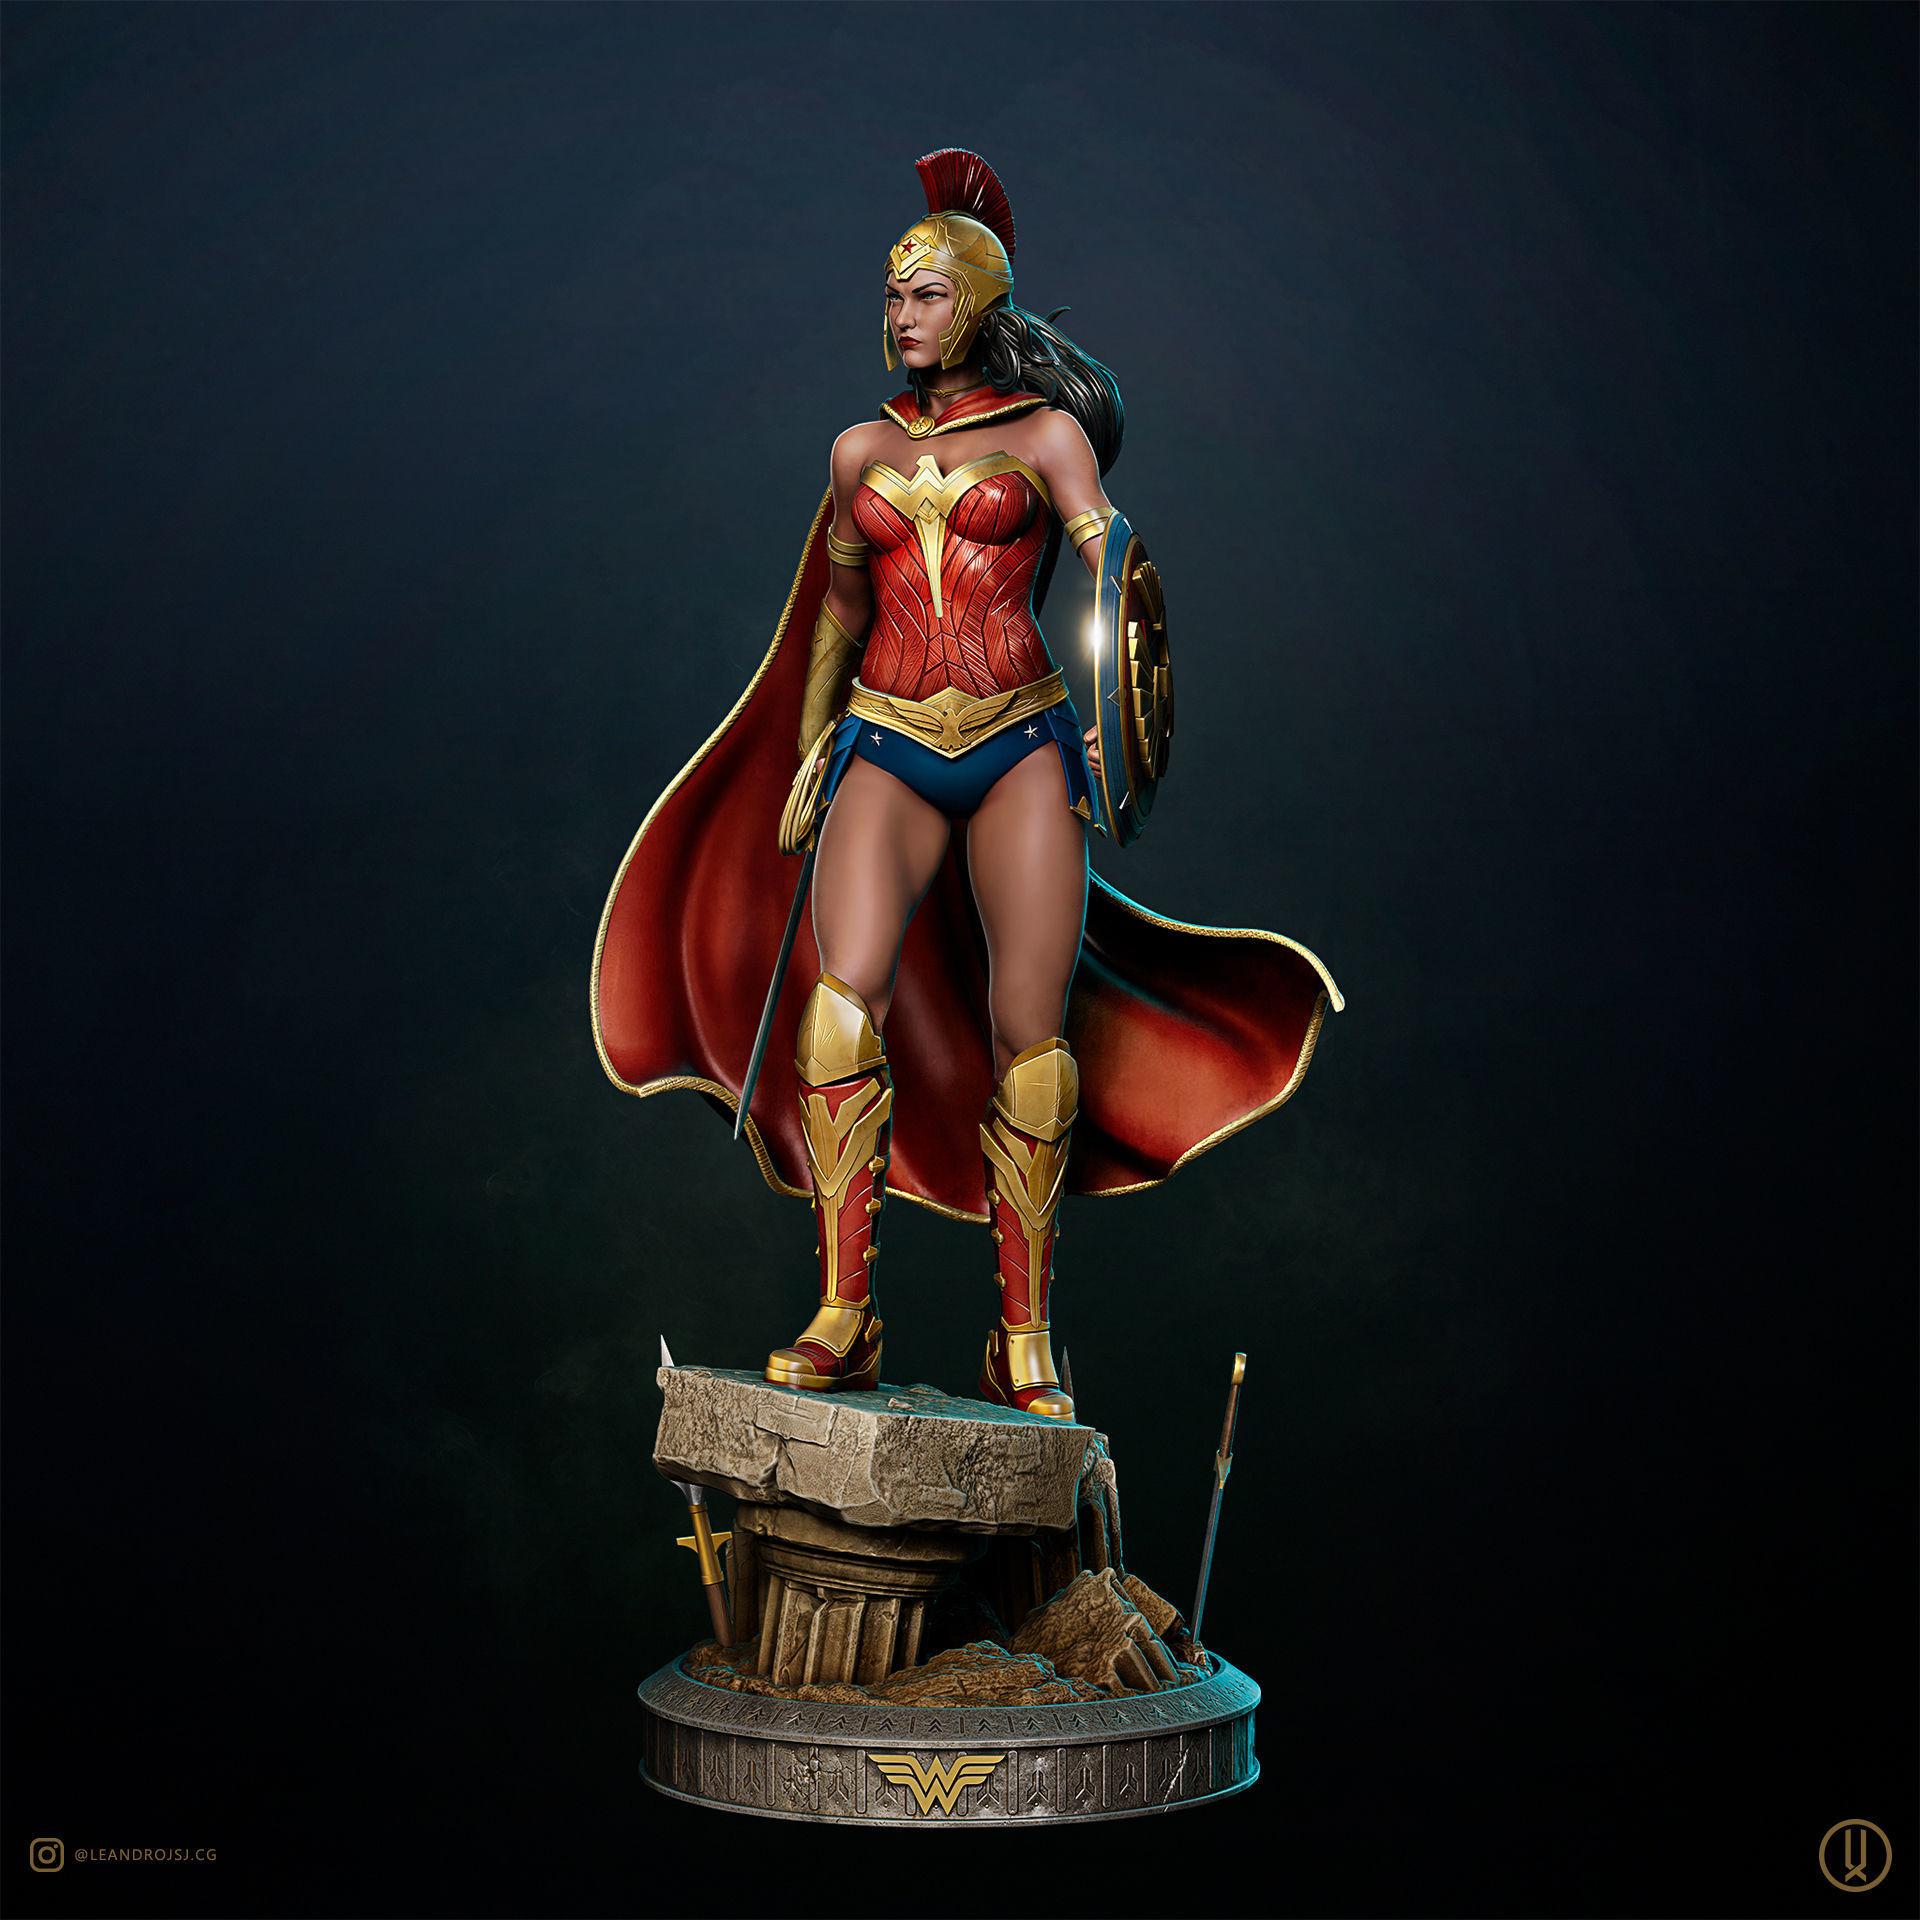 Warrior Wonder Woman